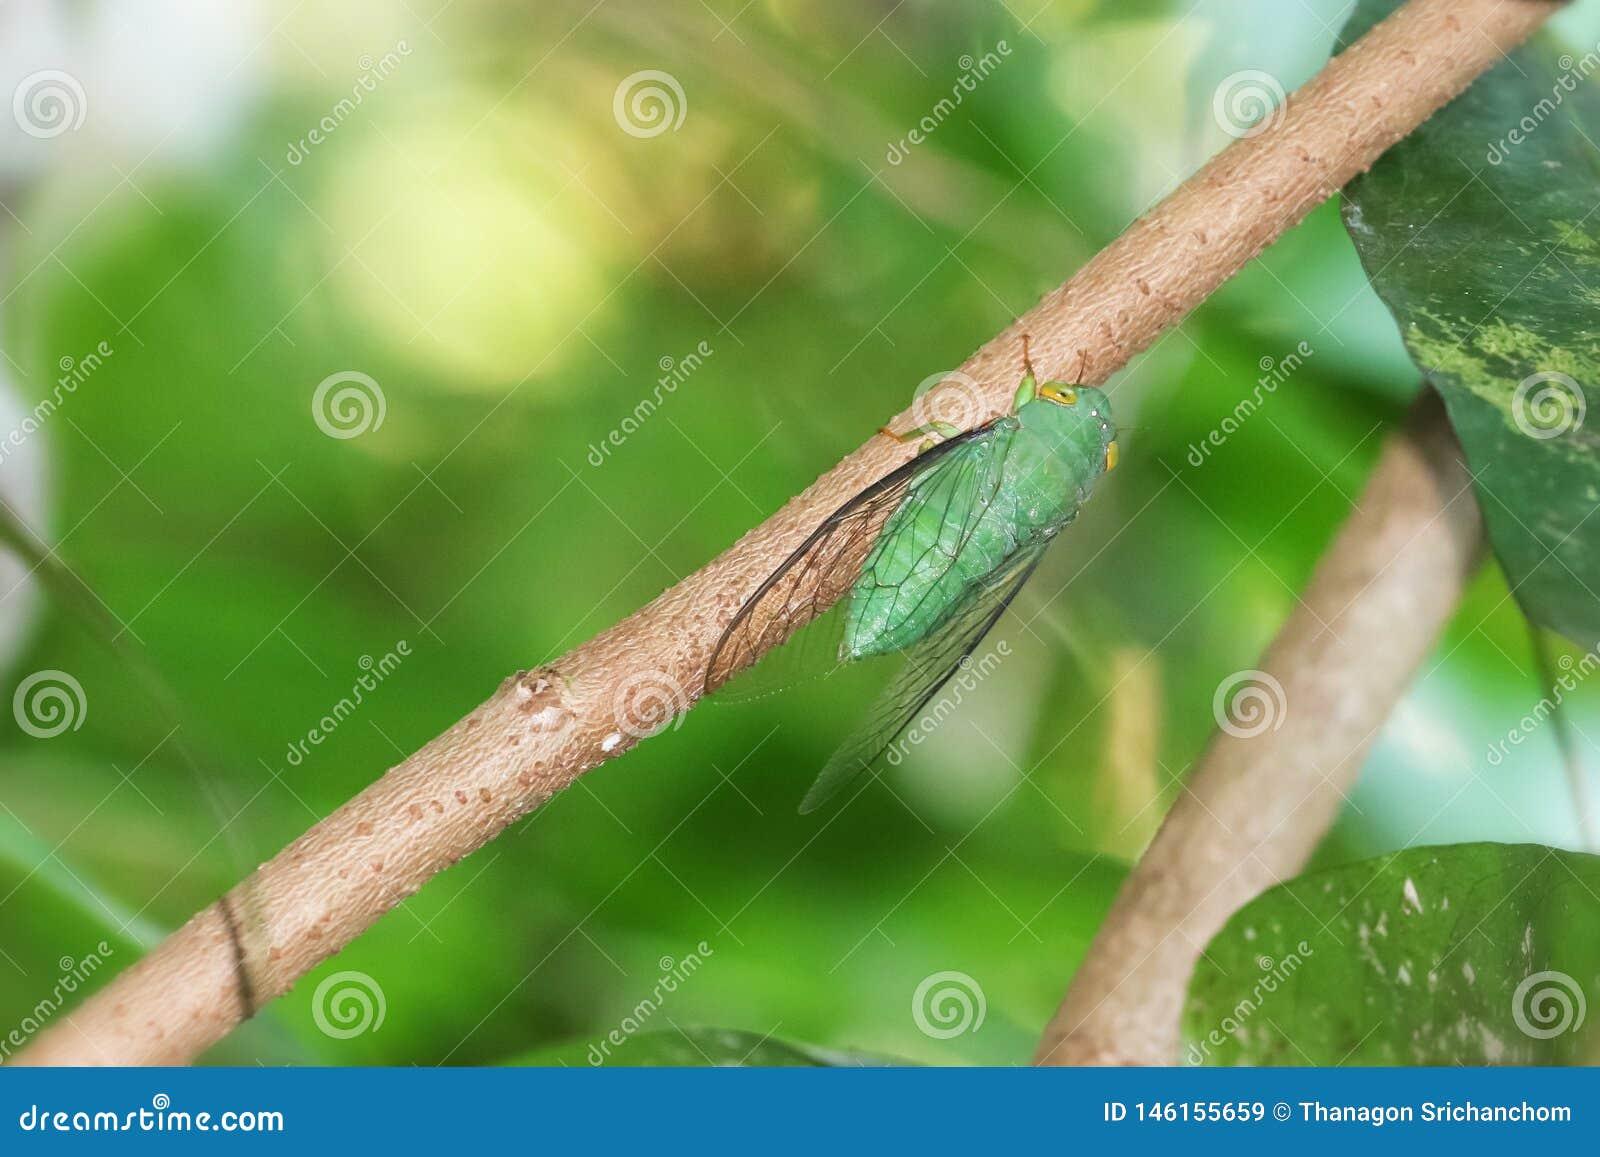 Gr?ne Zikade gehockt auf einem Baumast im Wald